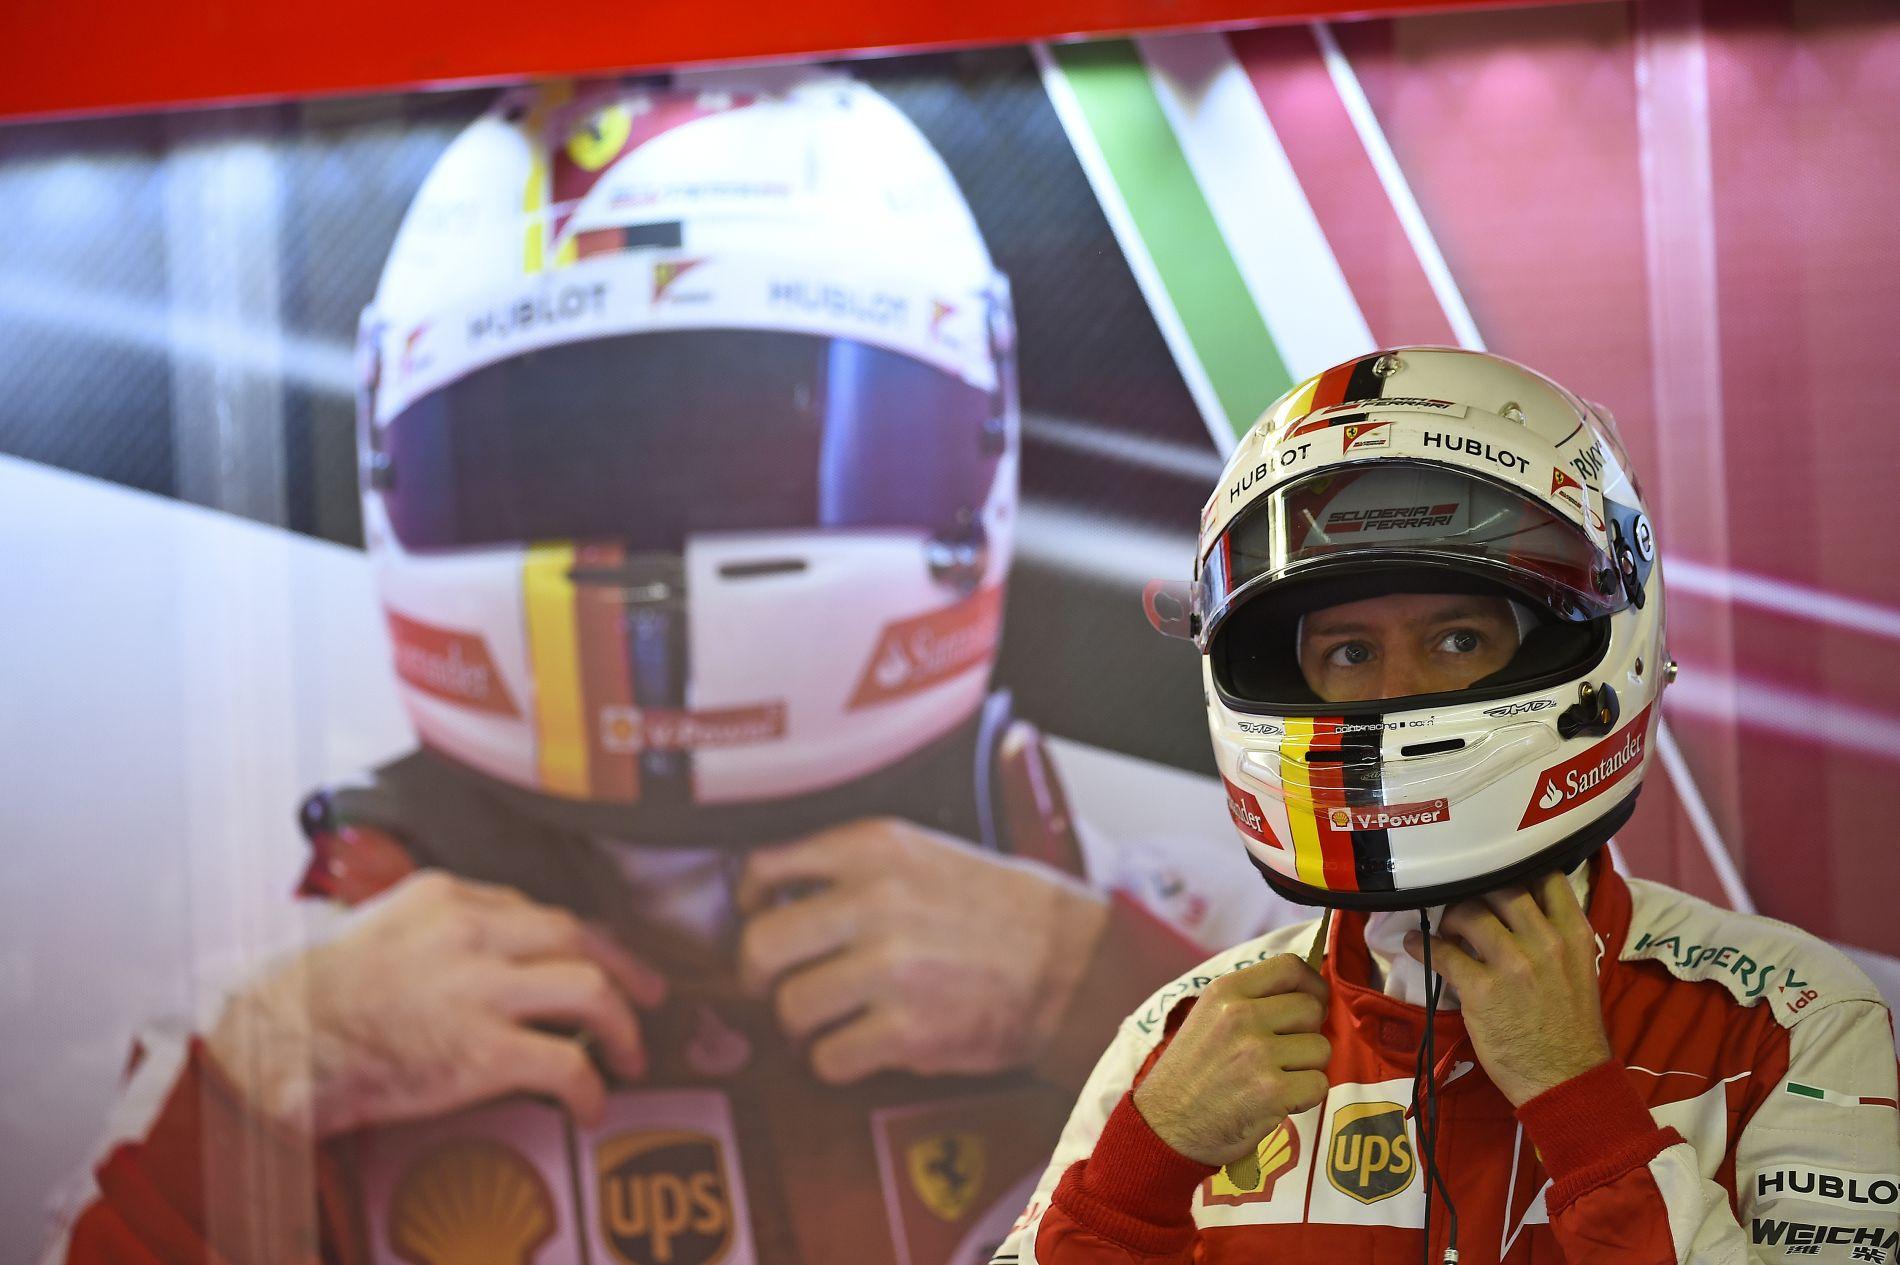 Vettel remek csapatot épít maga köré, tisztában van a képességeivel